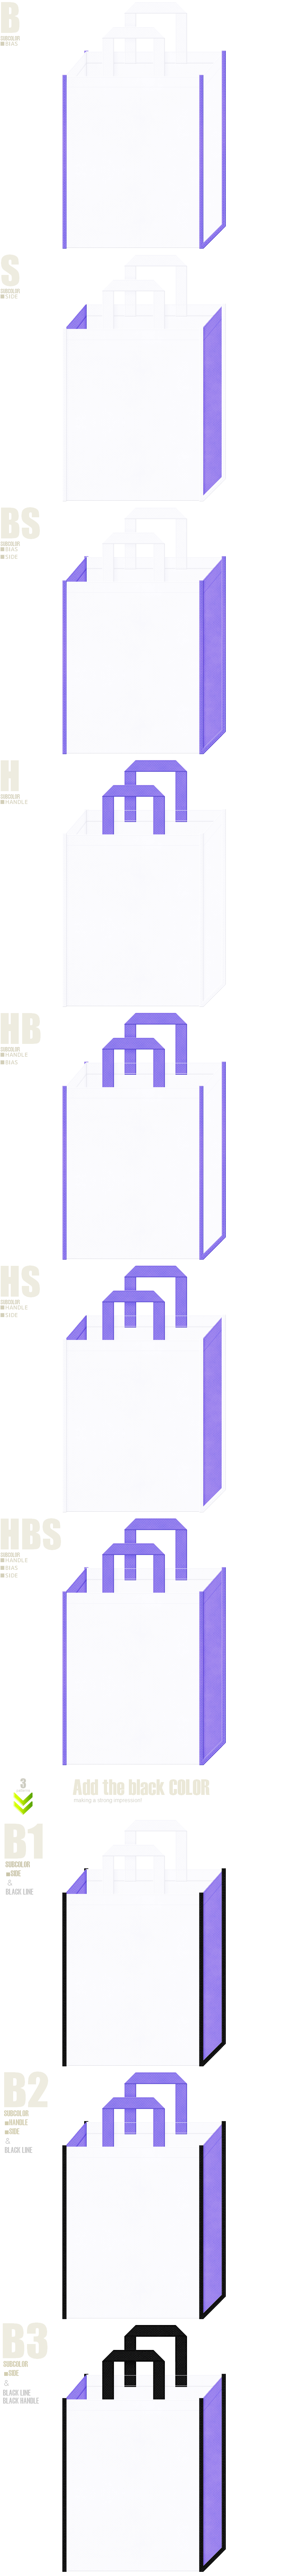 白色と薄紫色の不織布トートバッグのデザイン。美容室・コスメ・ネイル・デンタル・バス用品・冷蔵庫・クーラー等の家電製品の展示会用バッグ